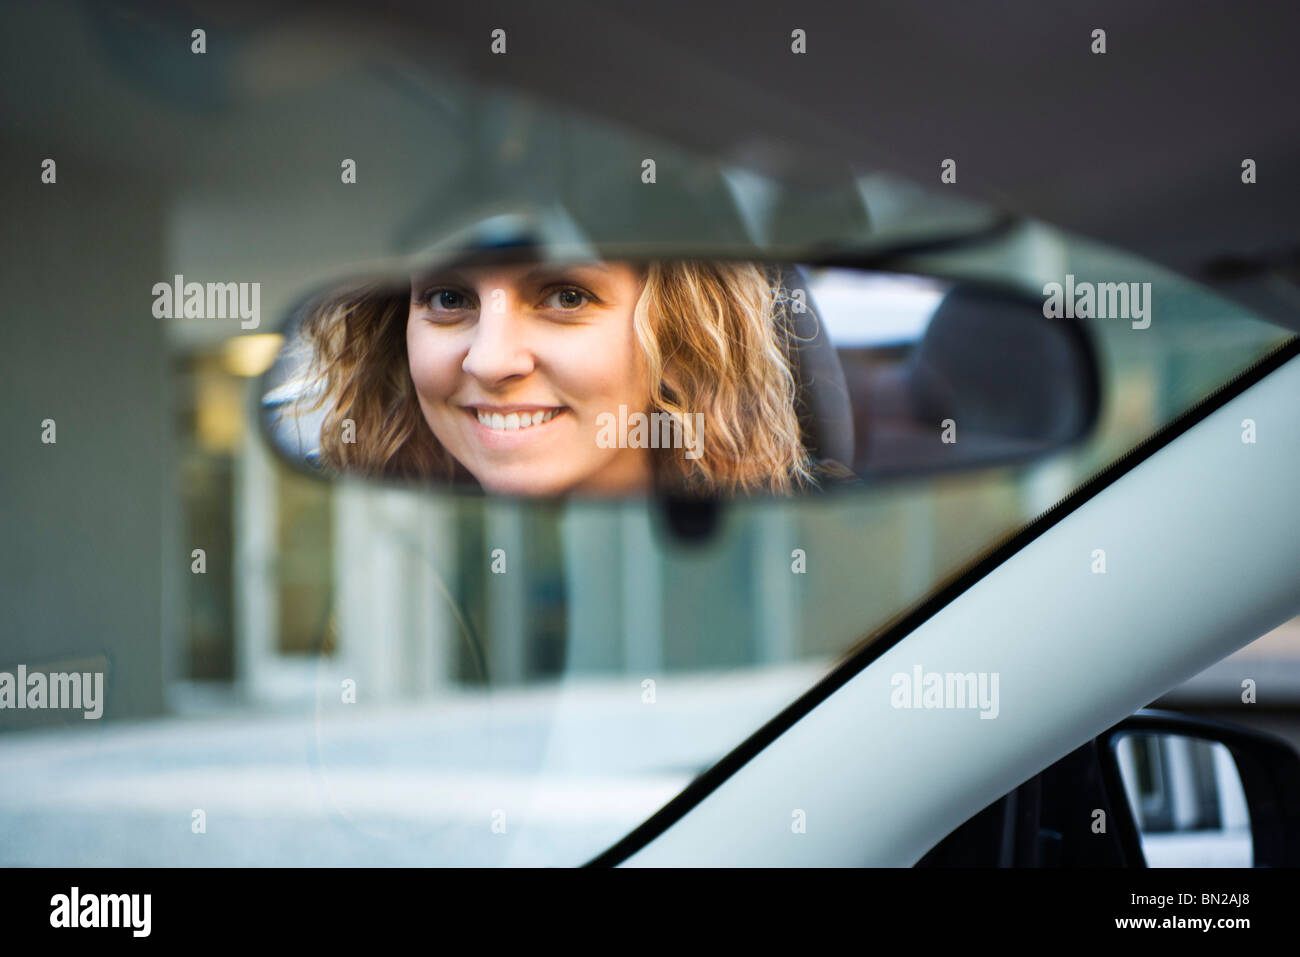 Volto di donna riflessa in specchietto retrovisore Immagini Stock